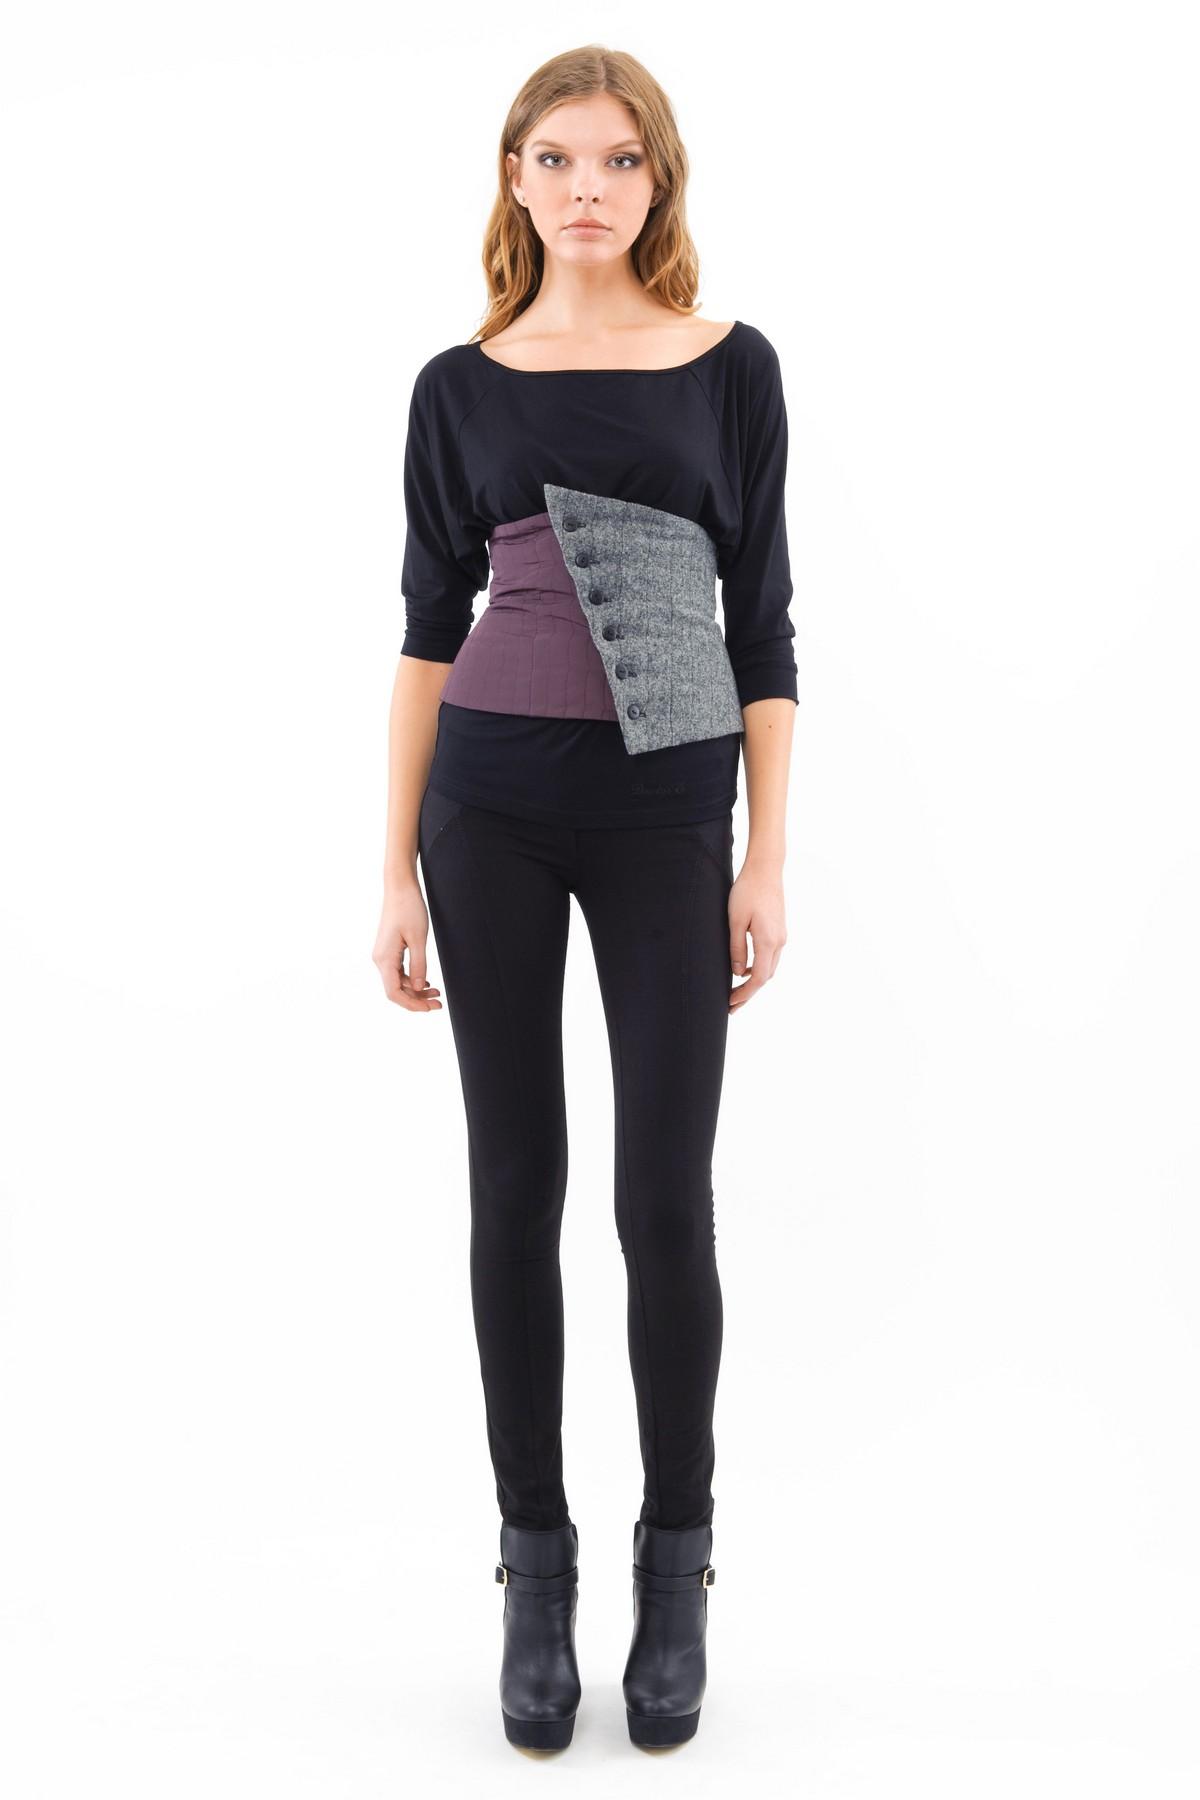 ЖилетЖакеты, жилеты<br>Стильный жилет от марки Doctor E! Оригинальное исполнение поразит Вас.  Вы можете его сочетать с подходящими брюками, юбками или же одевать как самостоятельный элемент гардероба .Приталенный покрой подчеркнет женственность силуэта и скроет недостатки фигу<br><br>Цвет: серый,сливовый<br>Состав: ткань1-100%полиэстер, ткань 2- 70%шерсть, 30%полиэстер, подкладка-100%полиэстер<br>Размер: 46,48,50,54<br>Страна дизайна: Россия<br>Страна производства: Россия